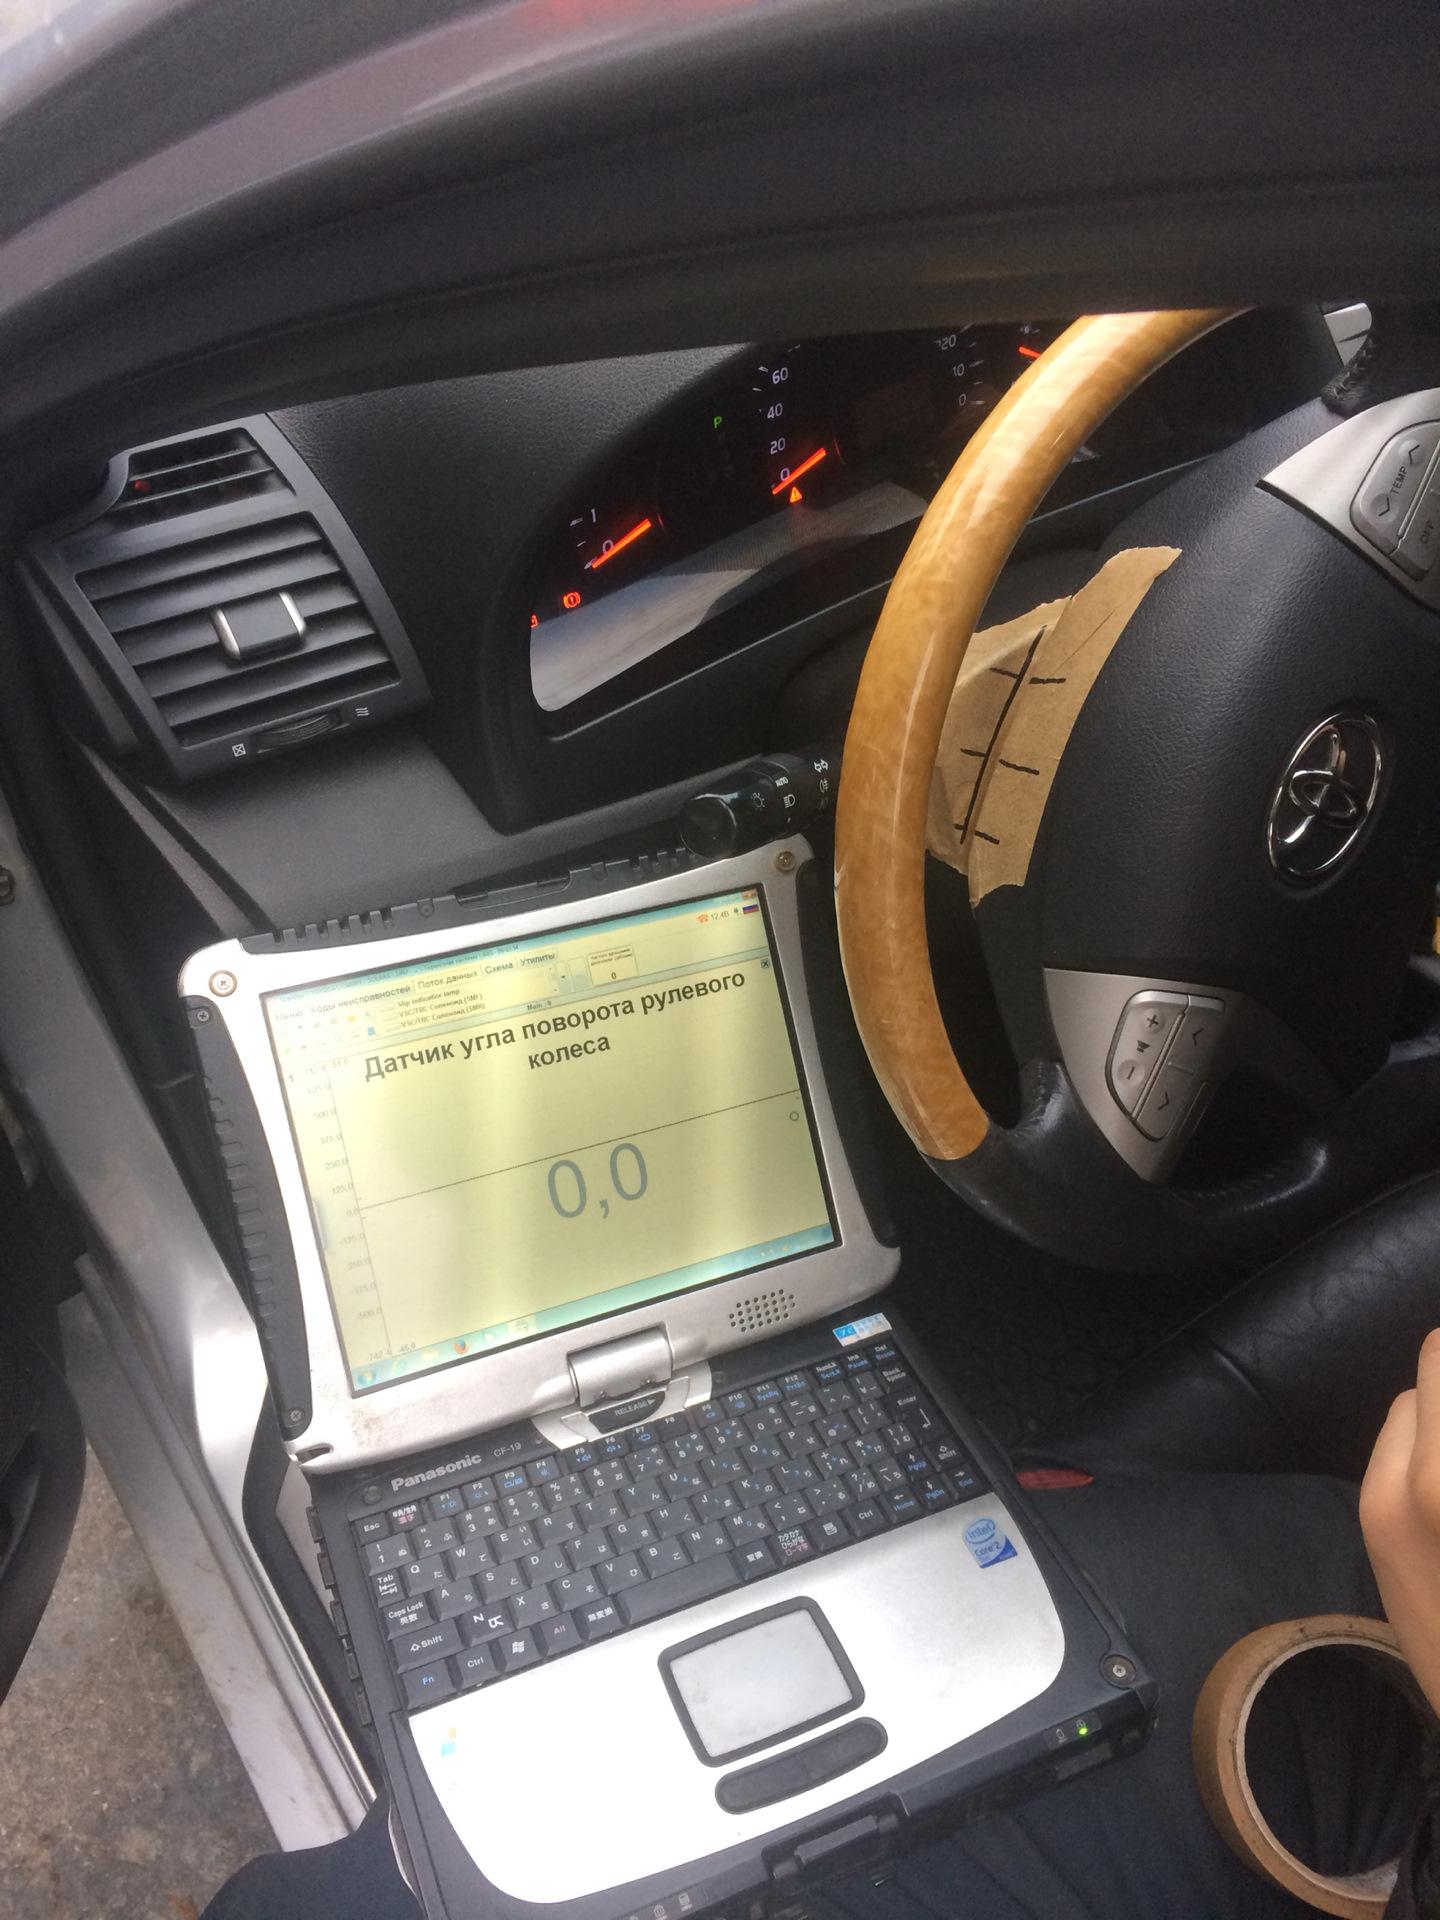 U0100 потеря связи — Toyota Camry, 3 5 л , 2007 года на DRIVE2